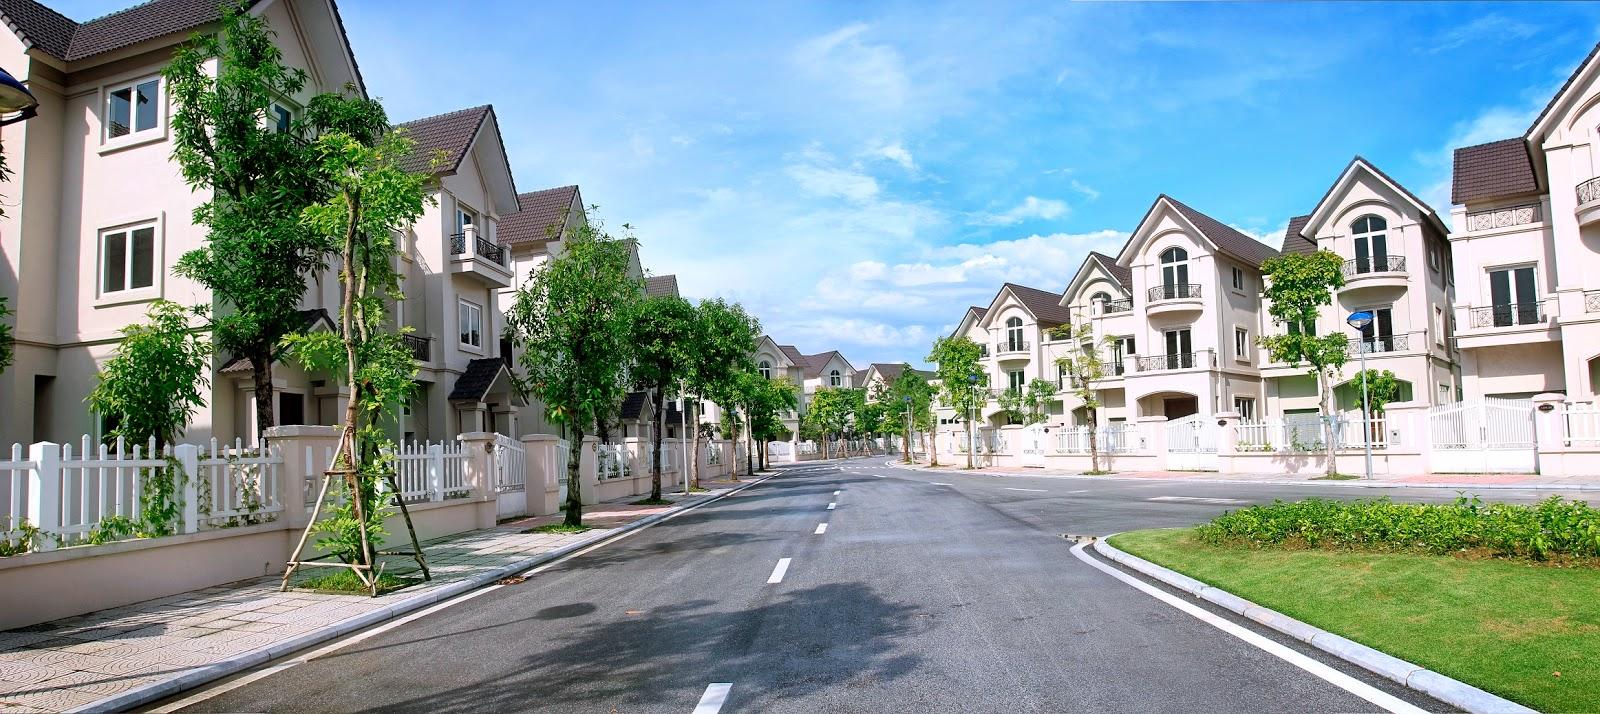 Những dự án biệt thự đáng lựa chọn để sống nhất tại Hà Nội